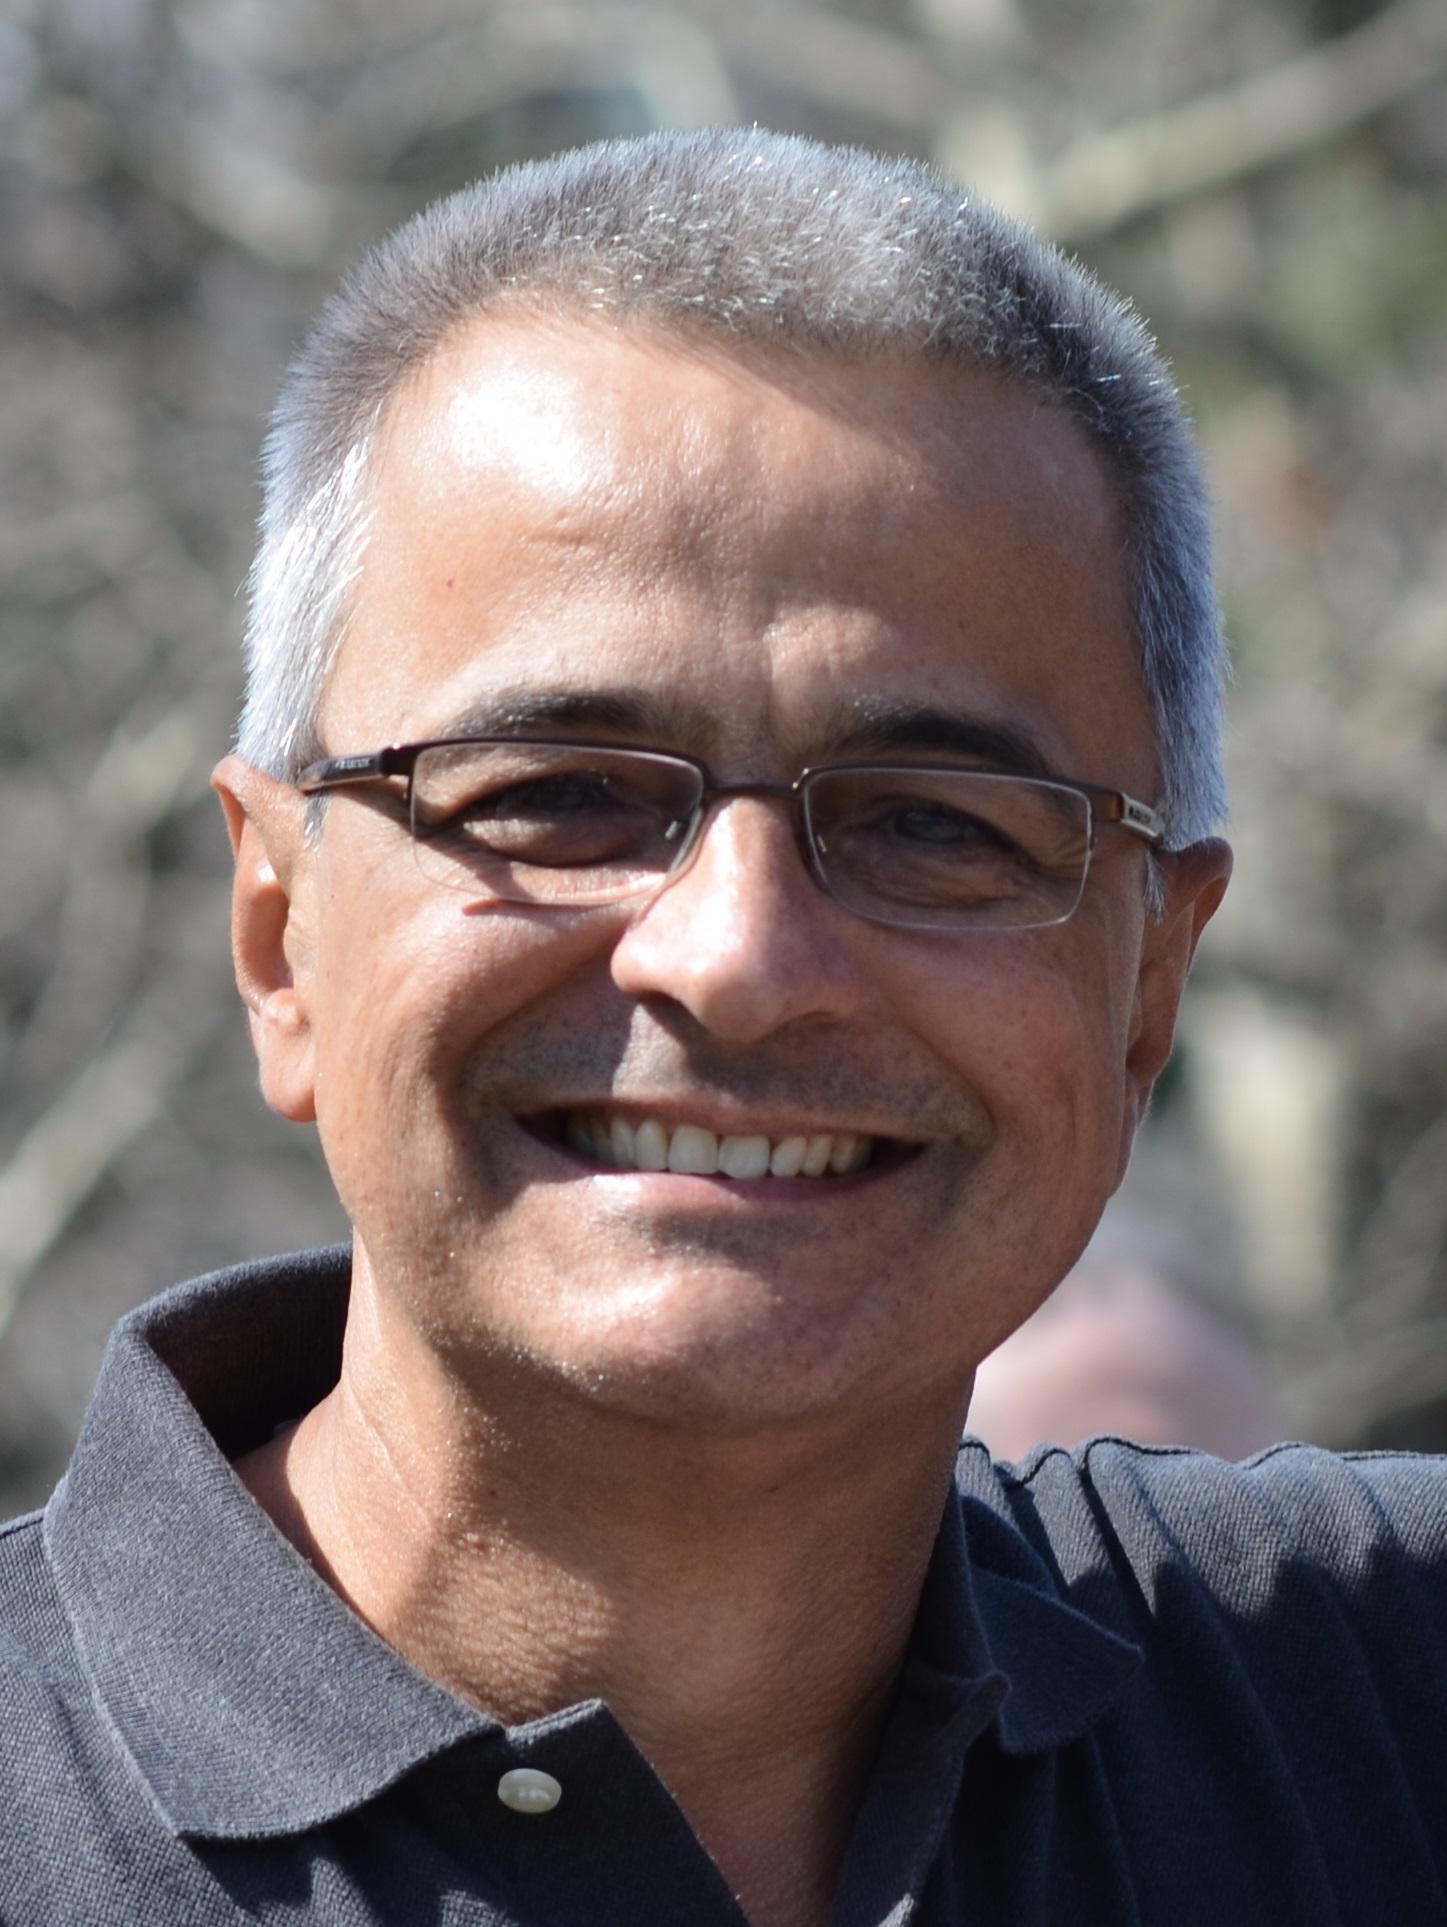 Carlos E. O. Capellão